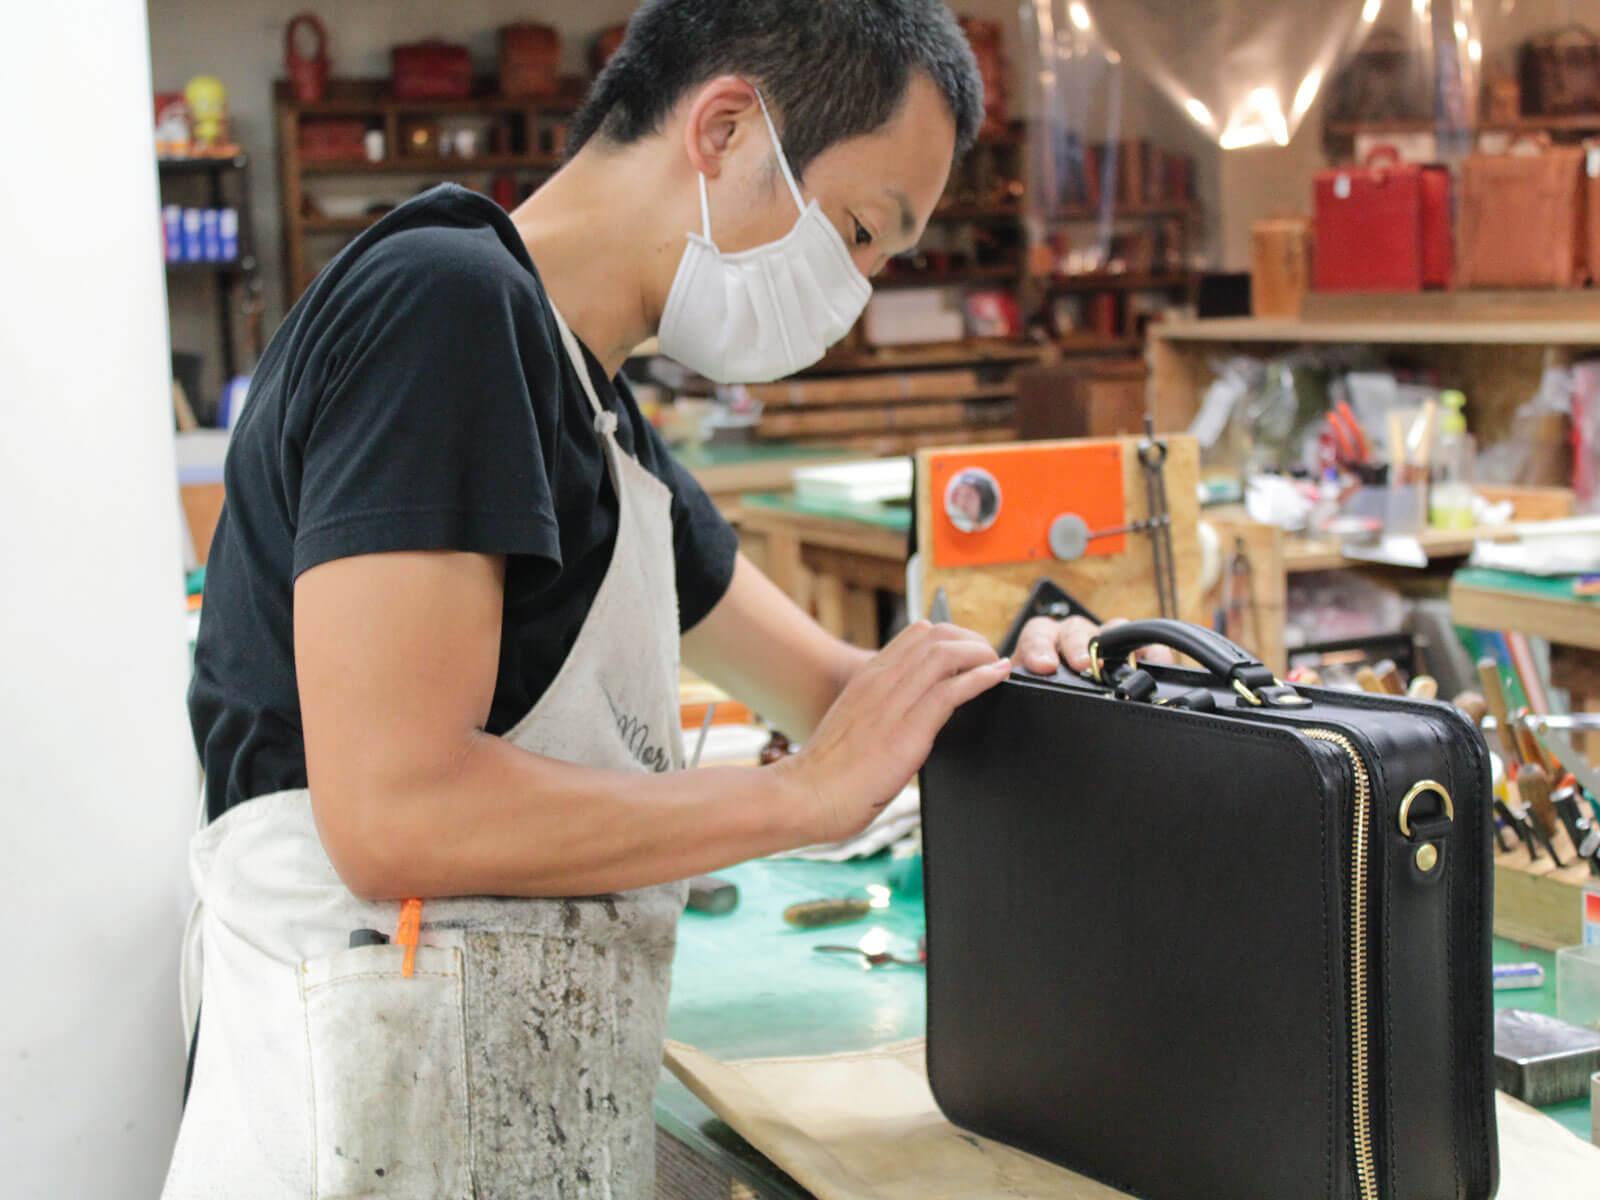 鞄製作中に思うこと ~名古屋店作り手:袴田~